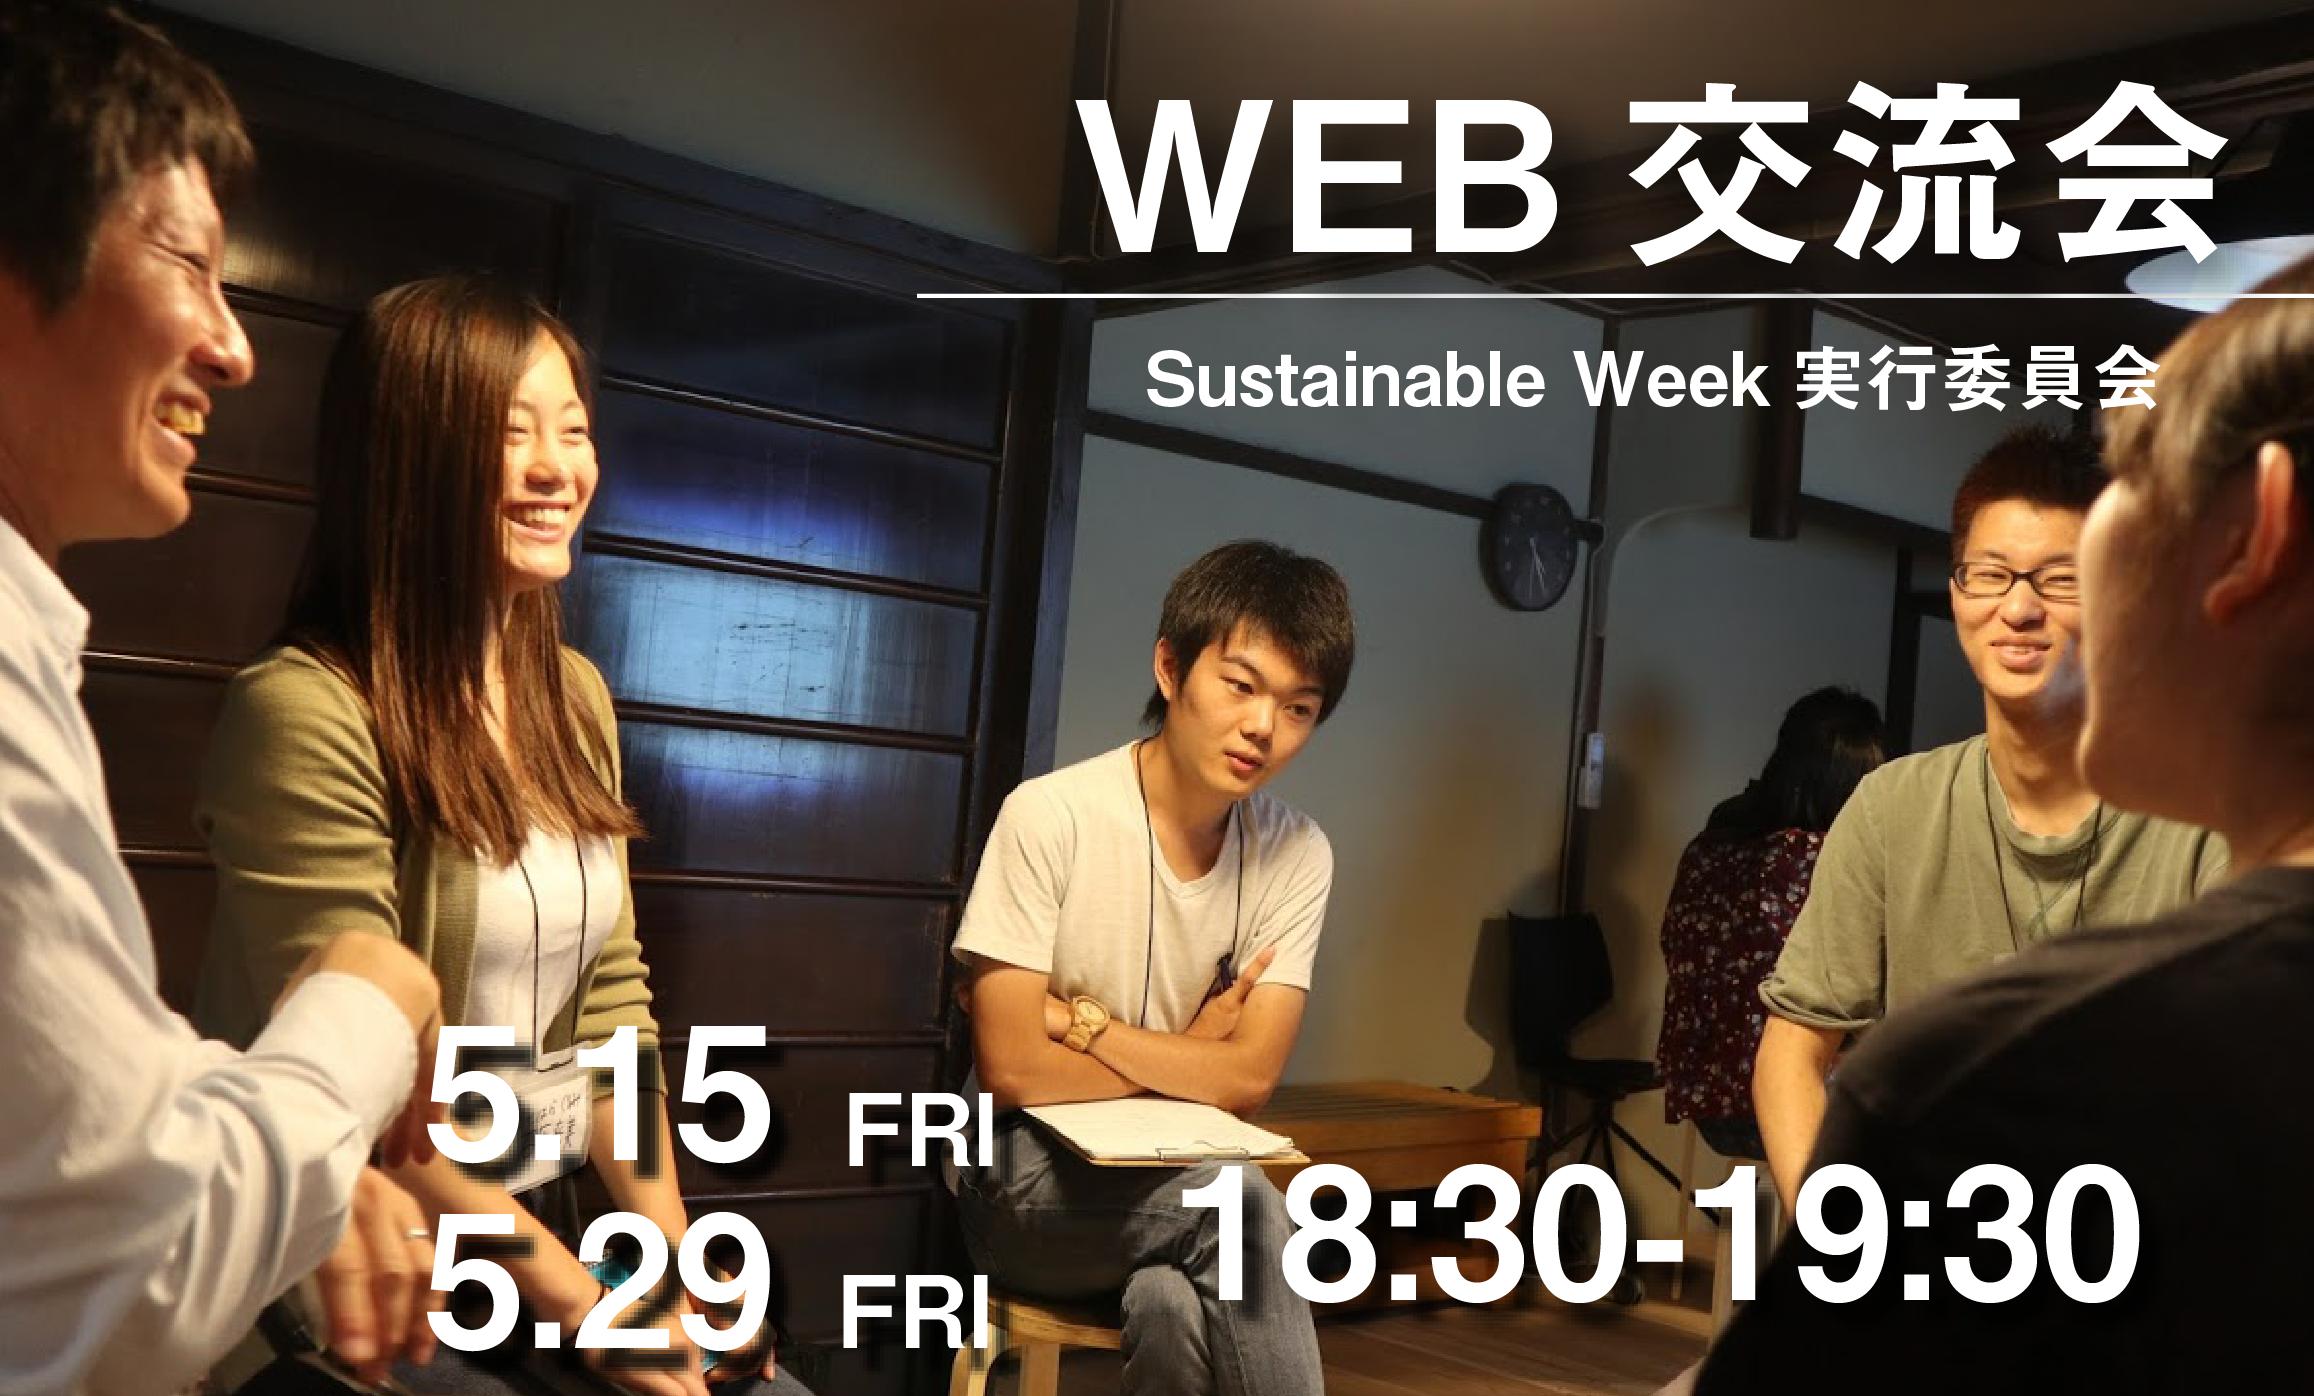 【お知らせ】 WEB交流会を開催します!